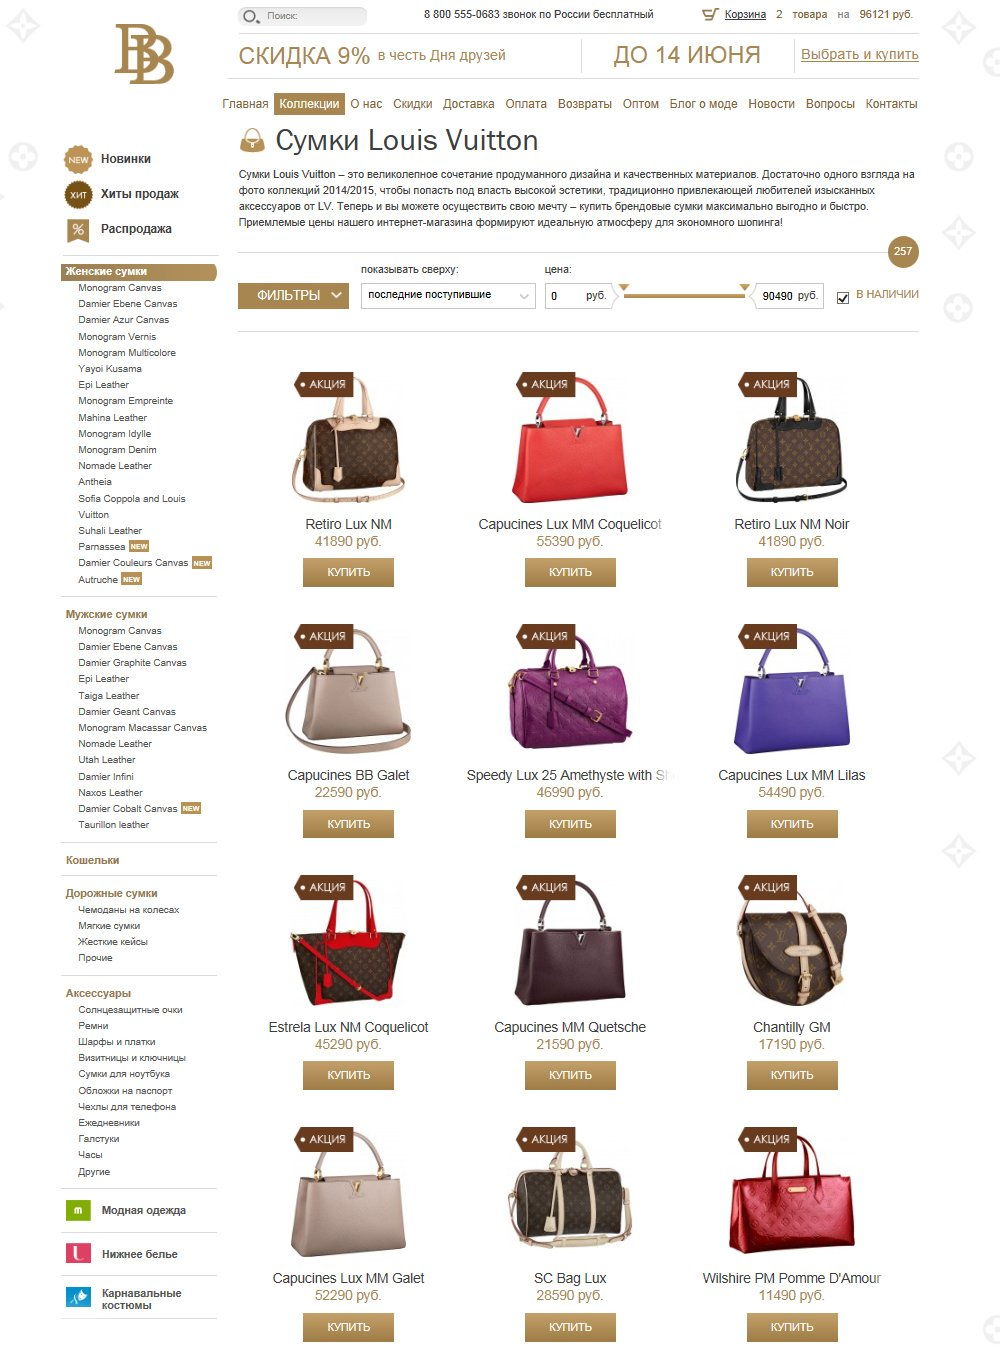 Каталог товаров в интернет-магазине BrandBags.ru